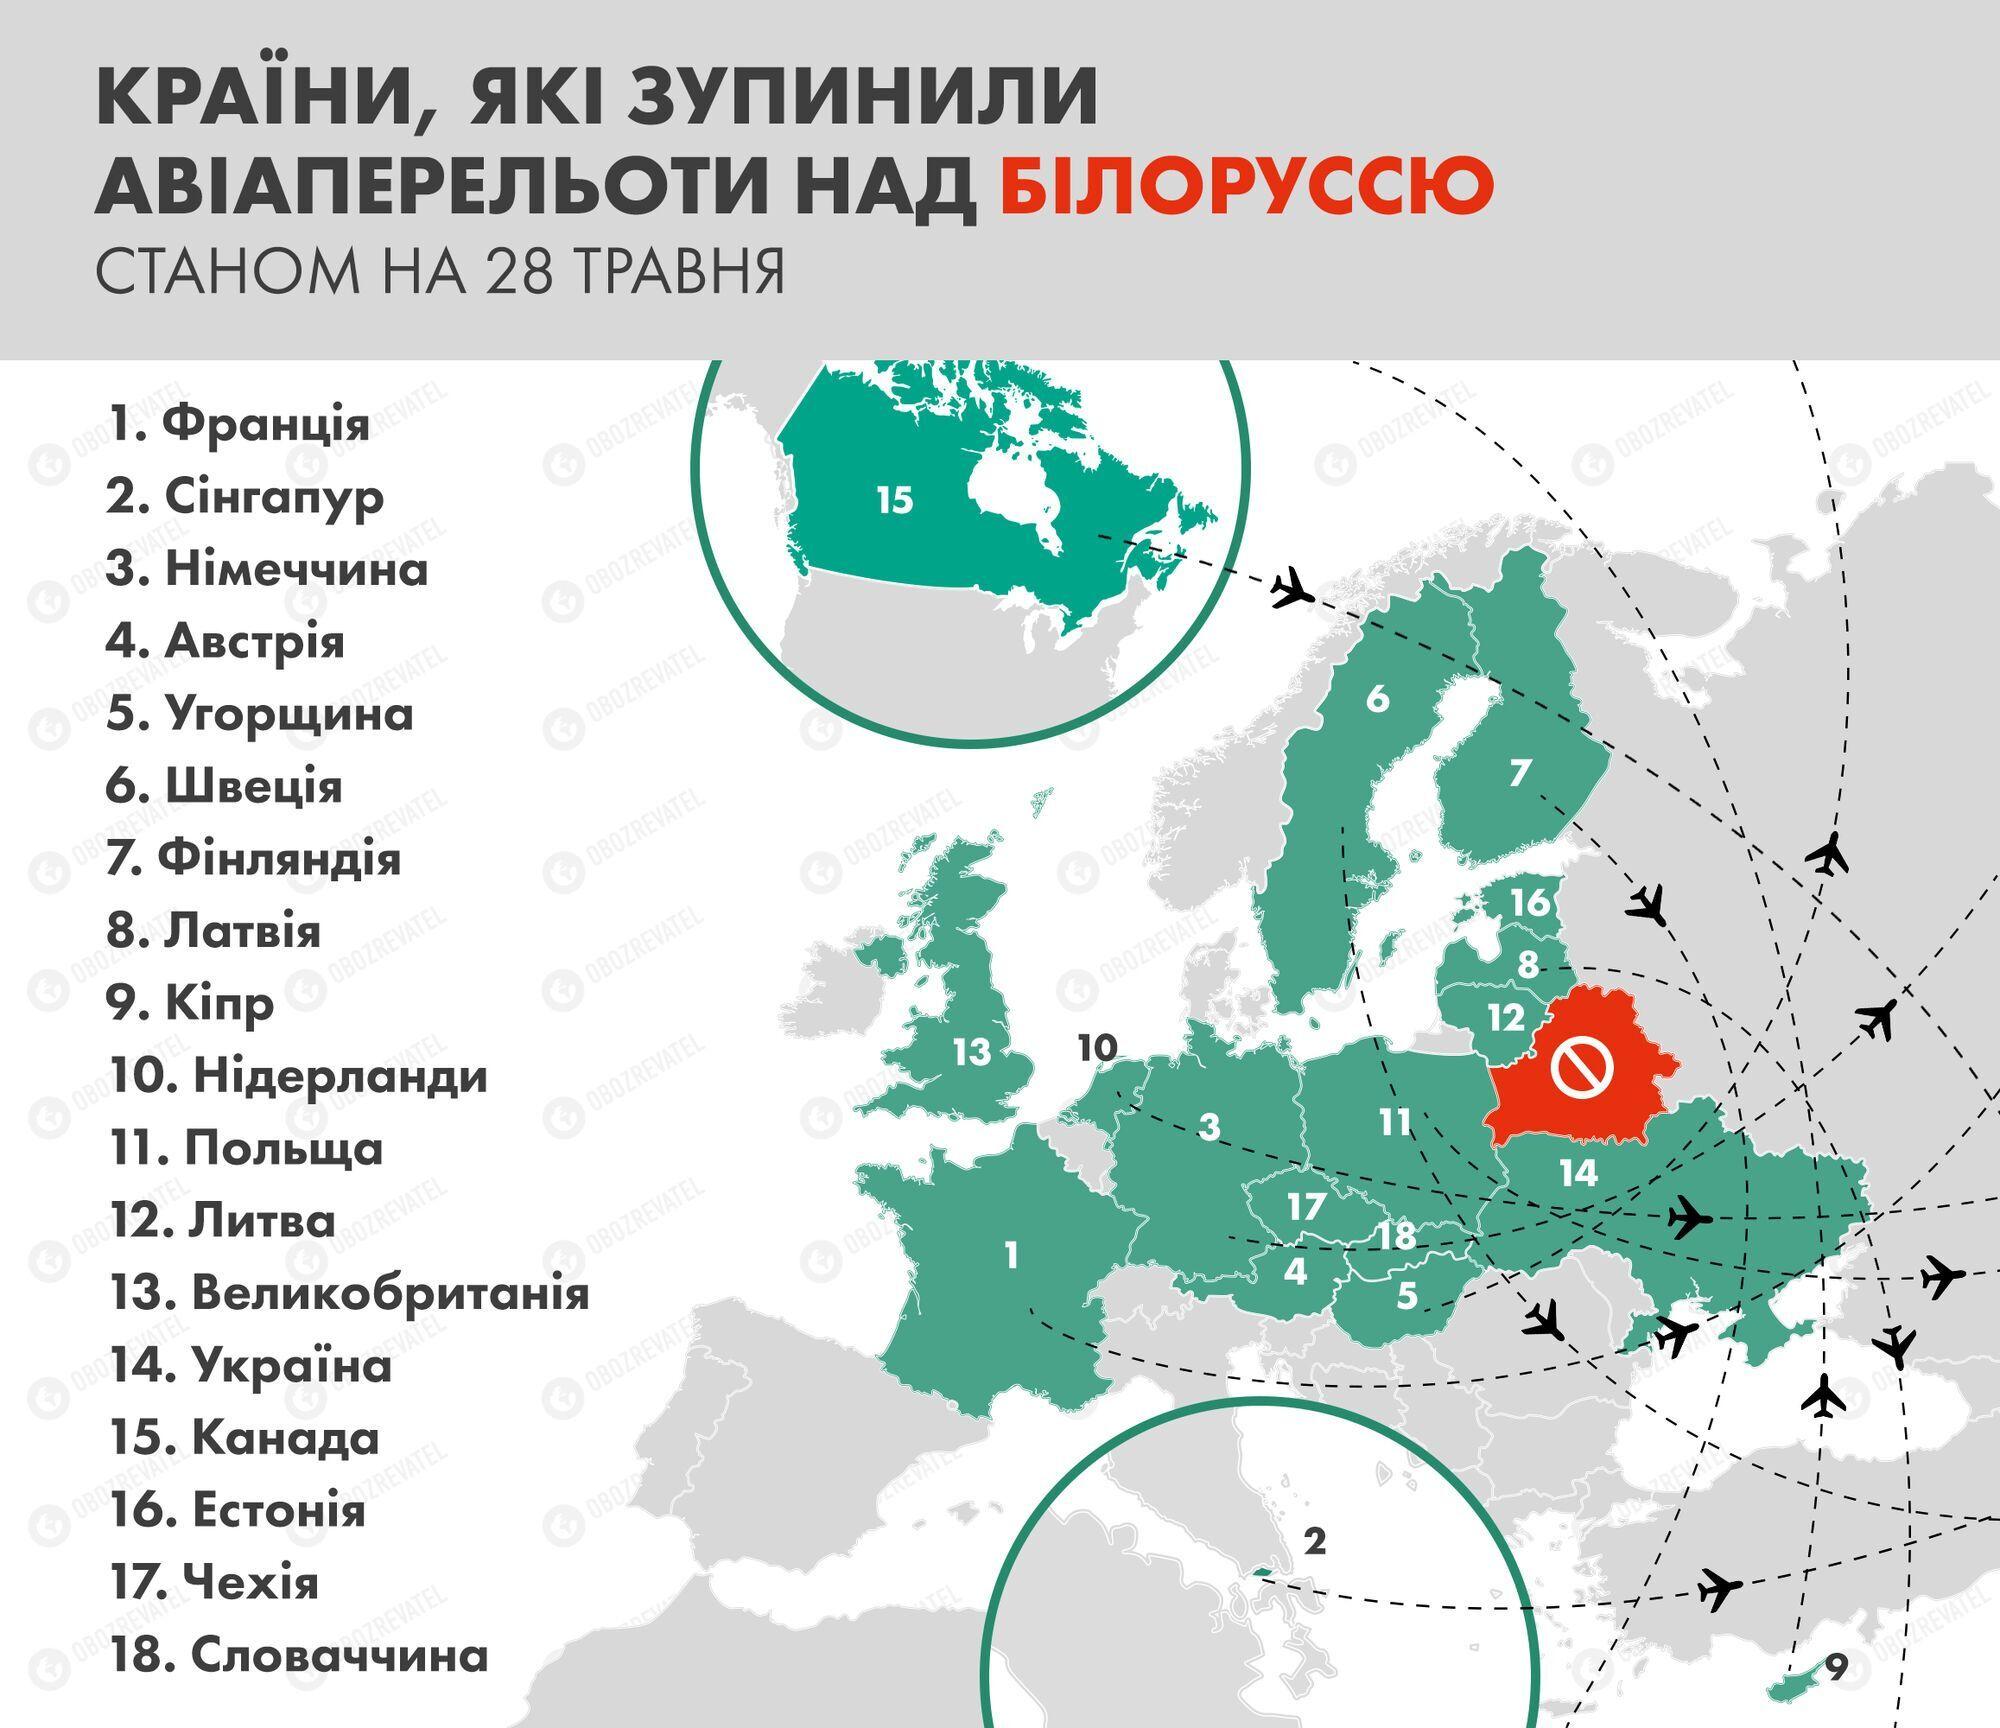 Країни, які зупинили авіаперельоти над Білоруссю